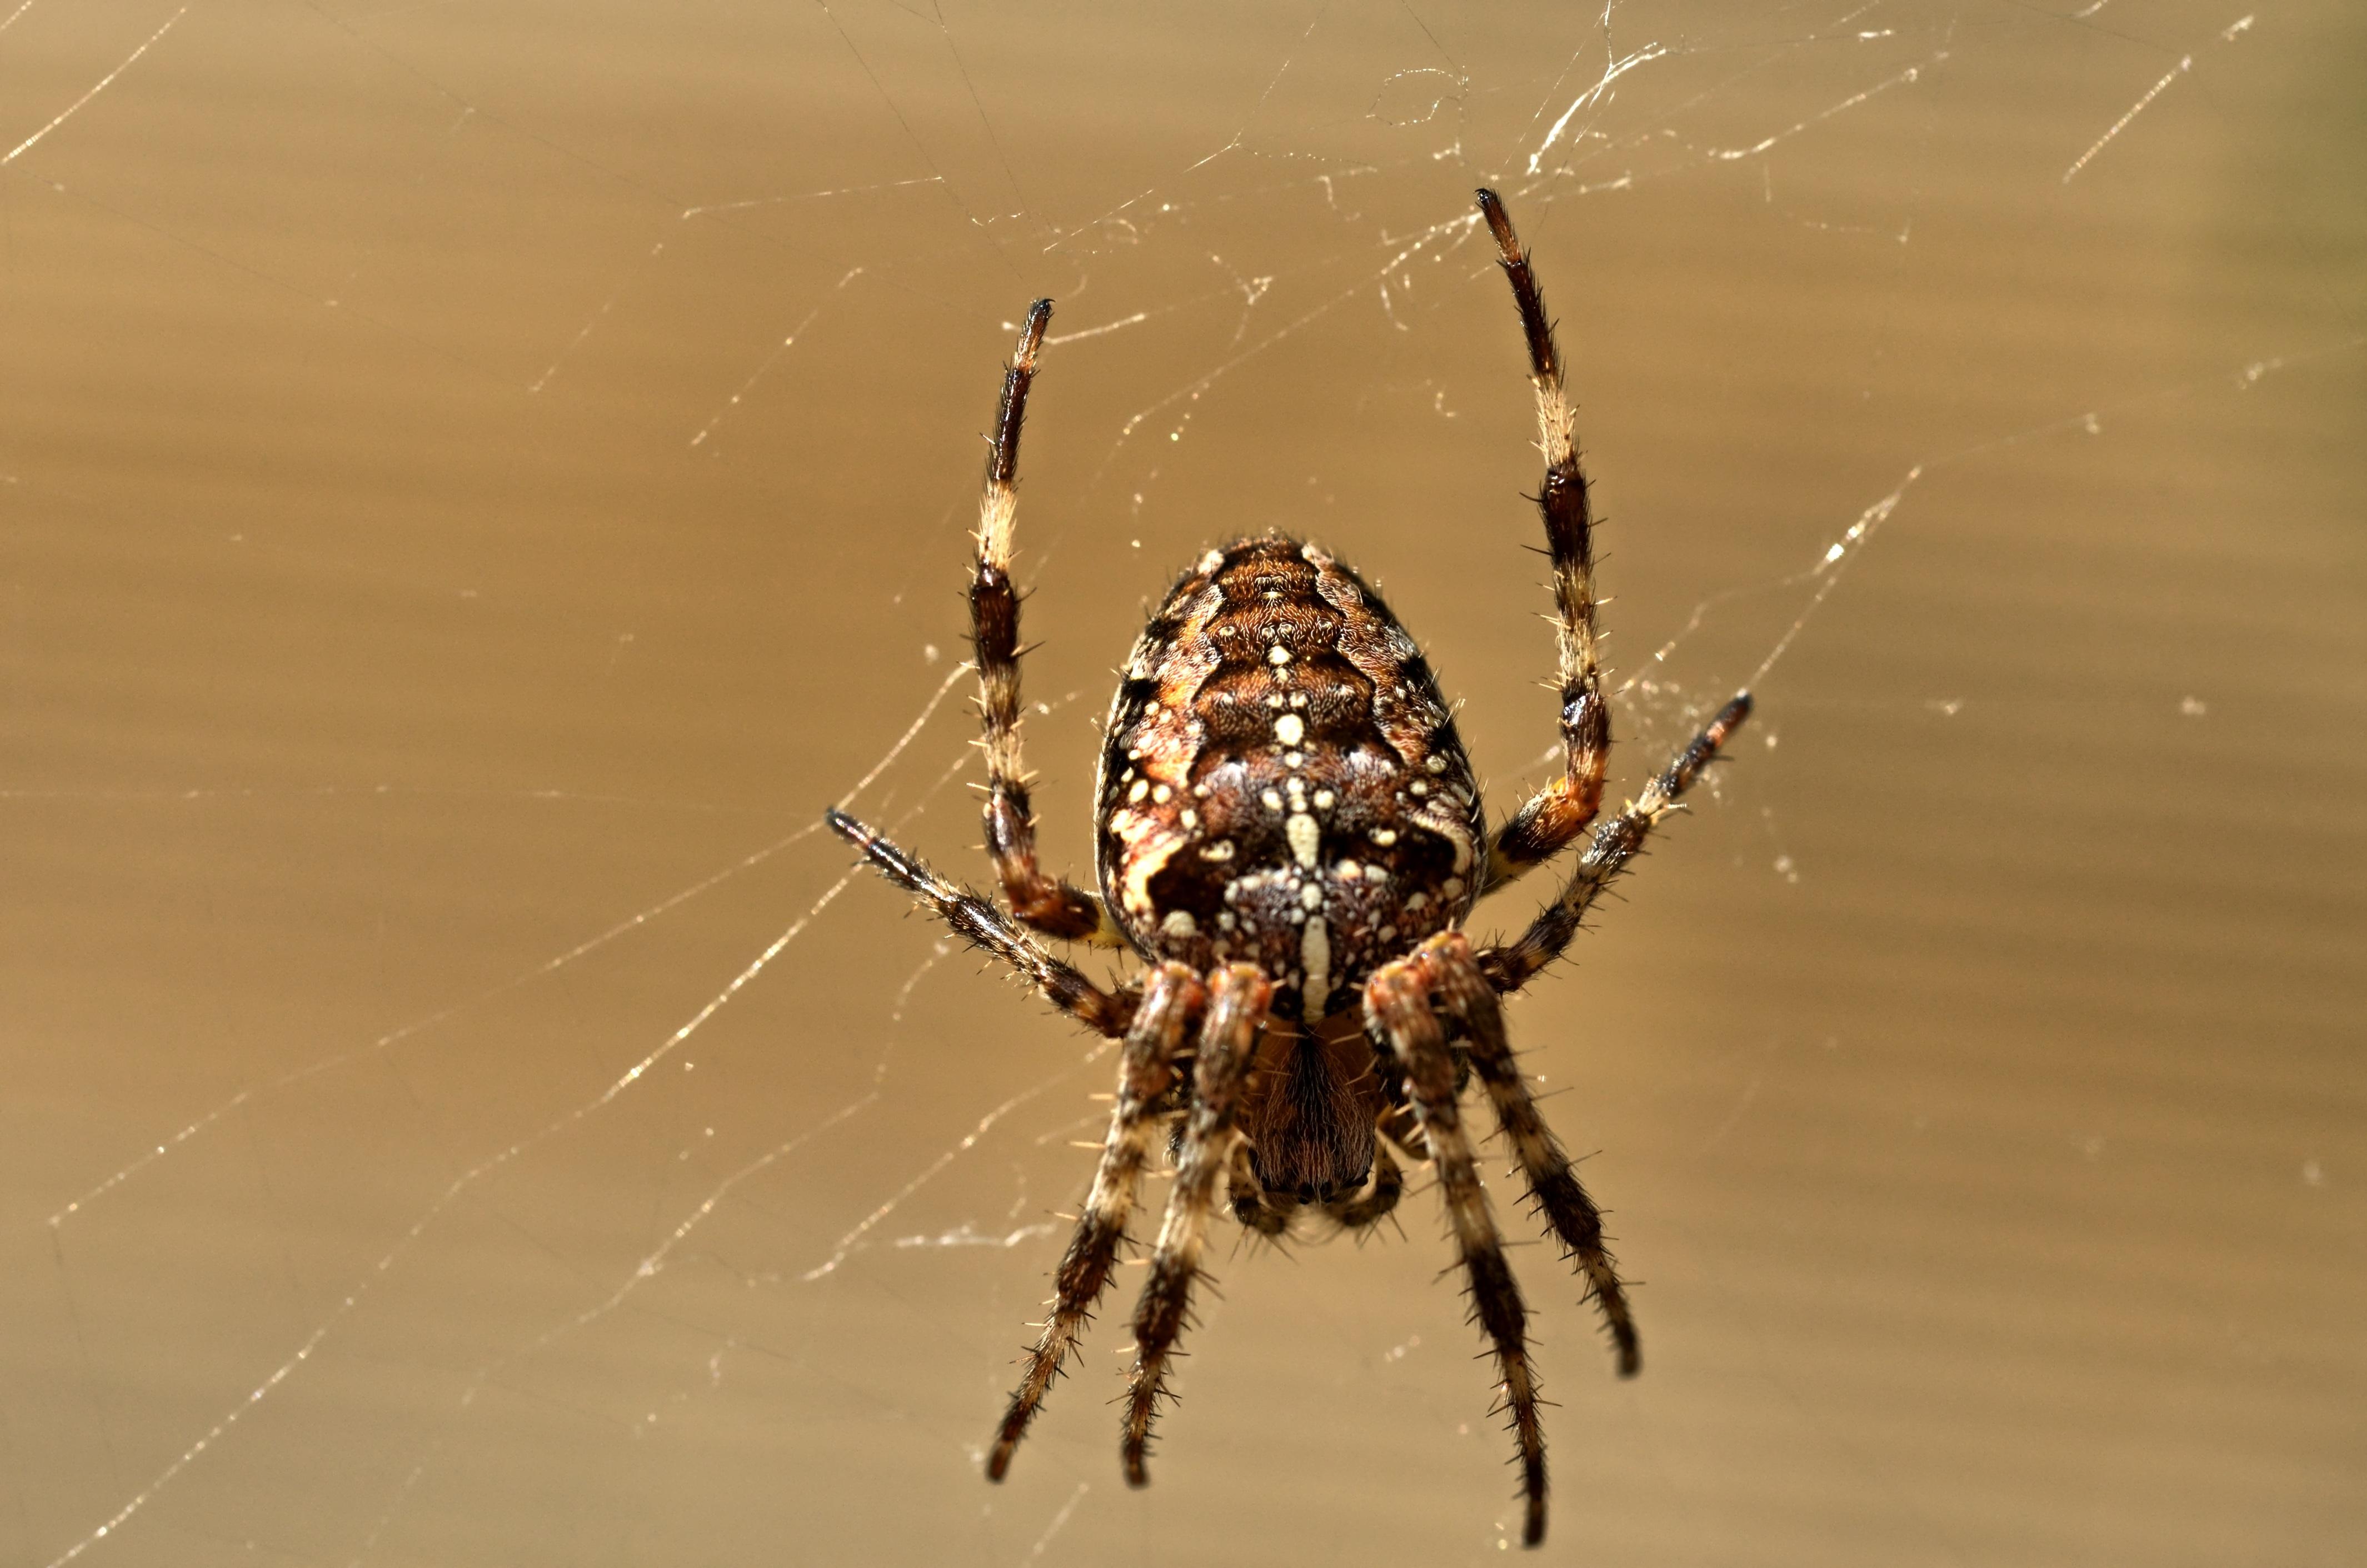 хочу картинки жуков и пауков всего хосту